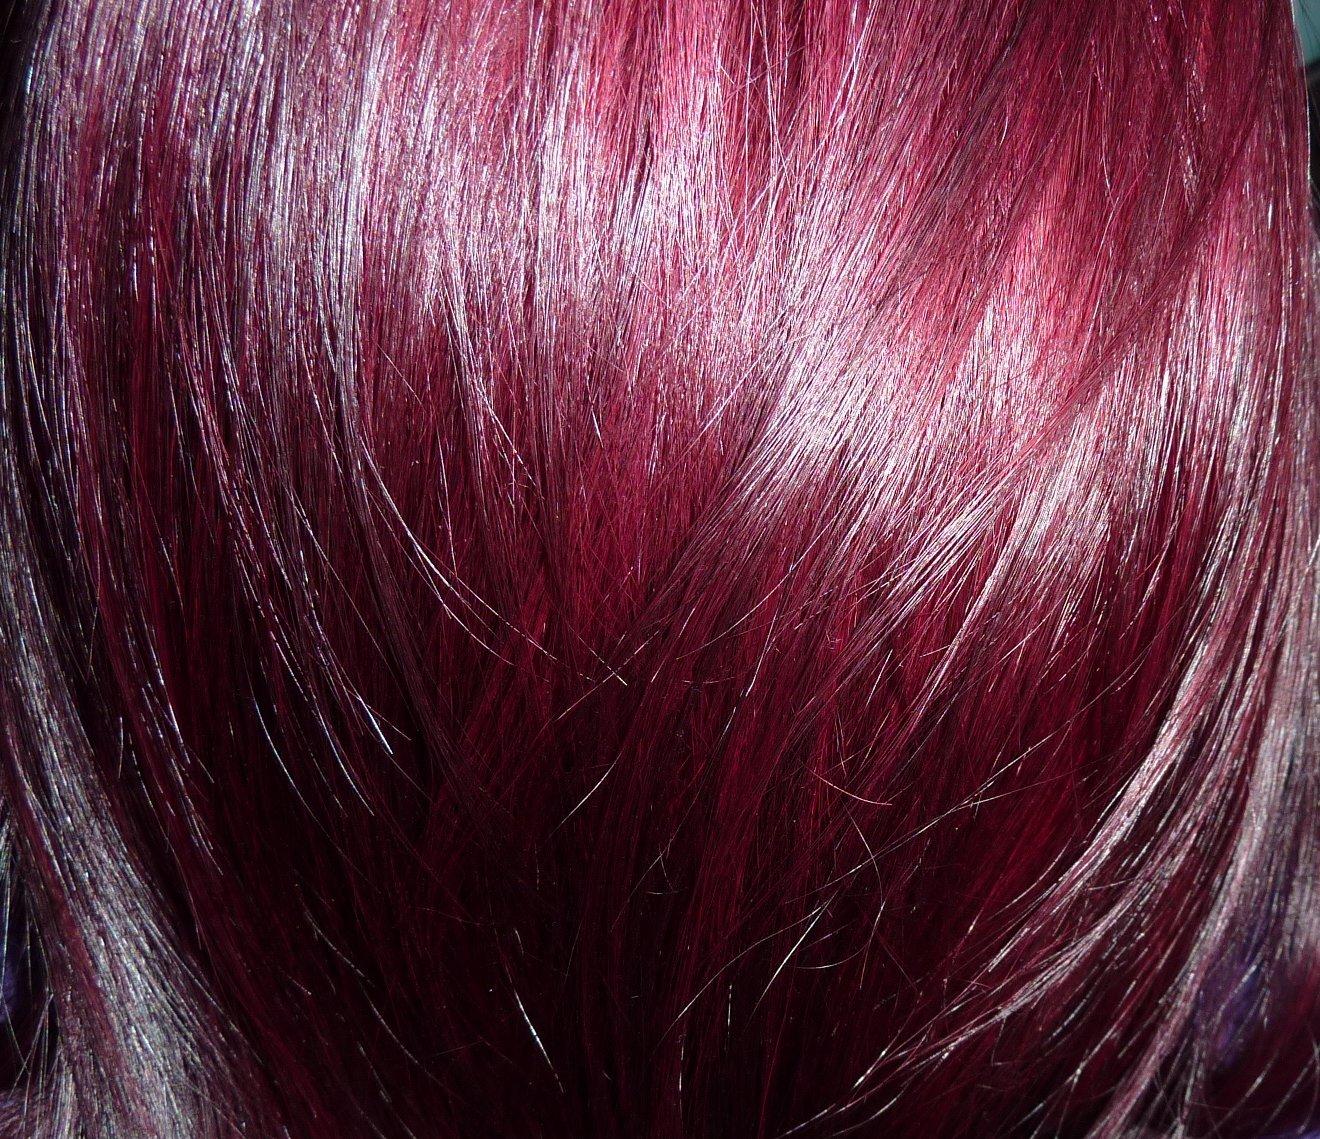 Wella Red Hair Color Formulas